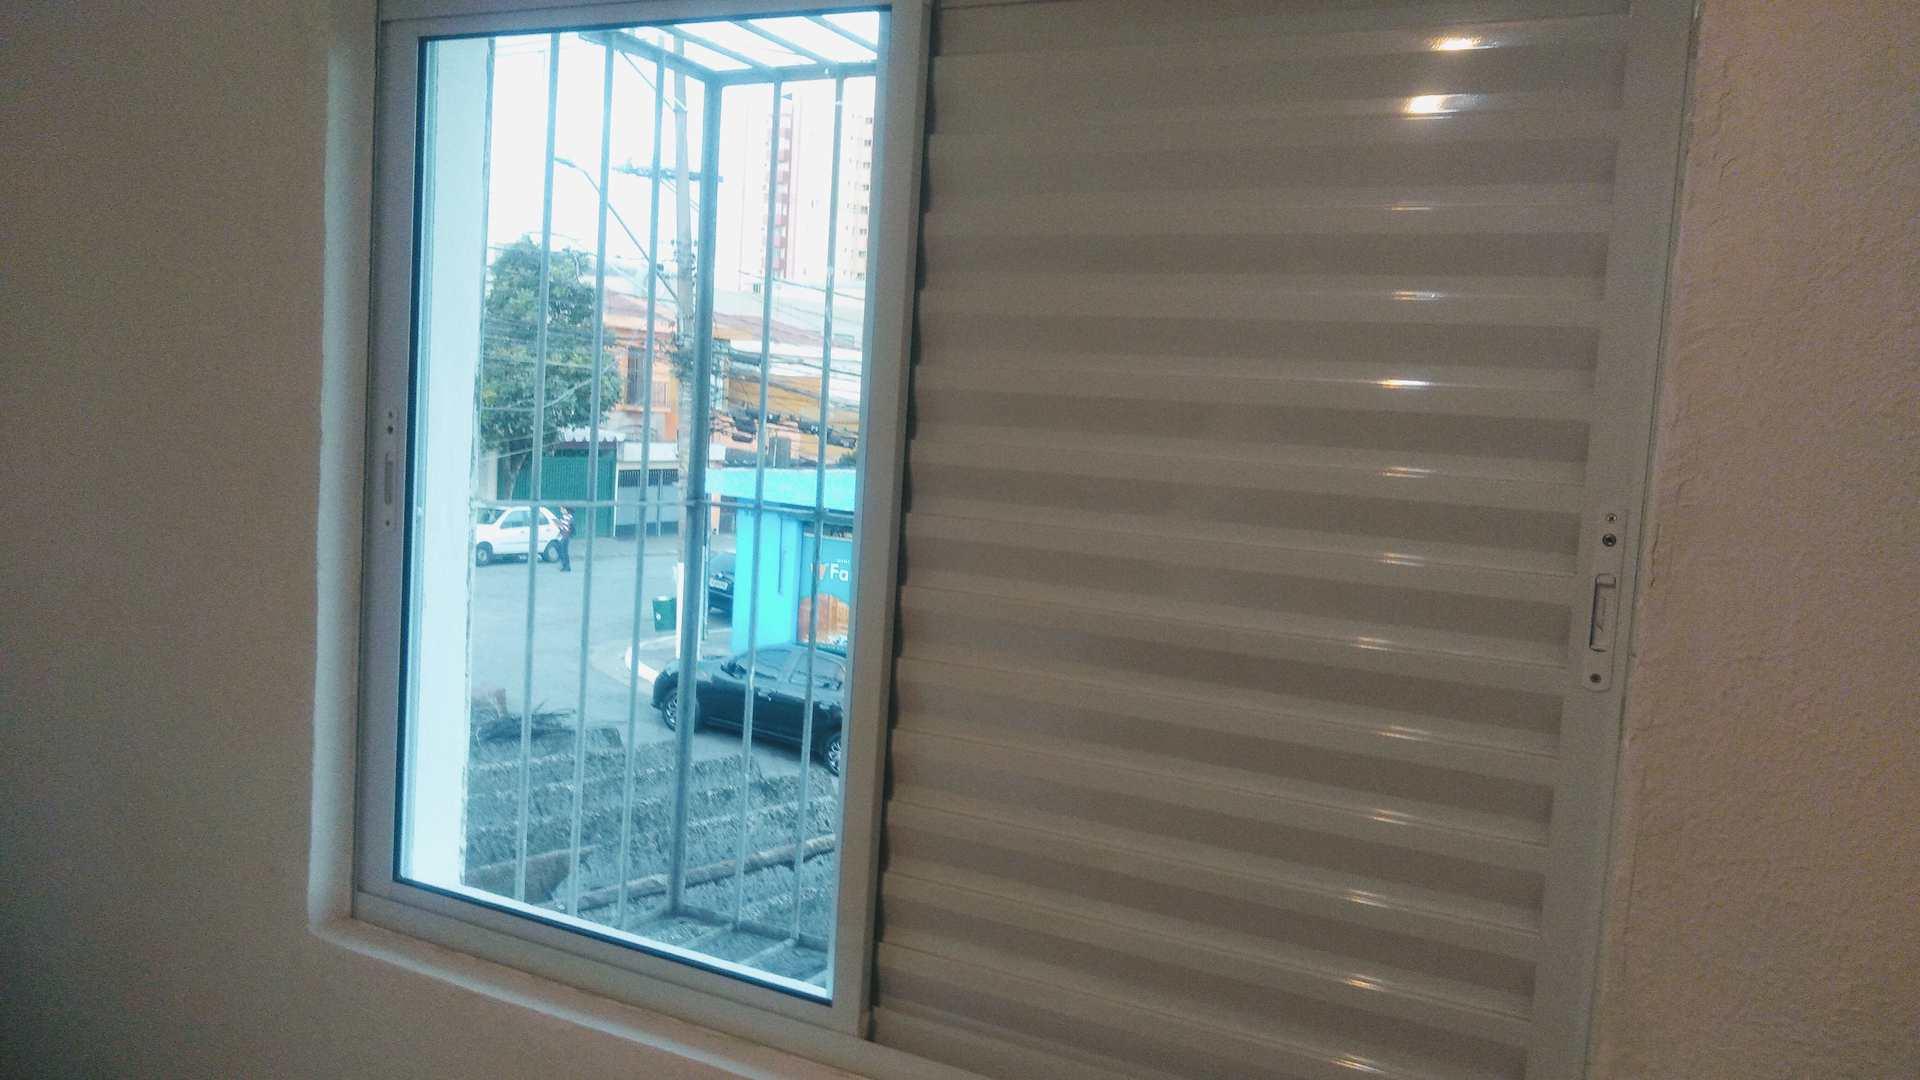 Casa com 2 dorms, Vila Santa Catarina, São Paulo - R$ 550 mil, Cod: 6097